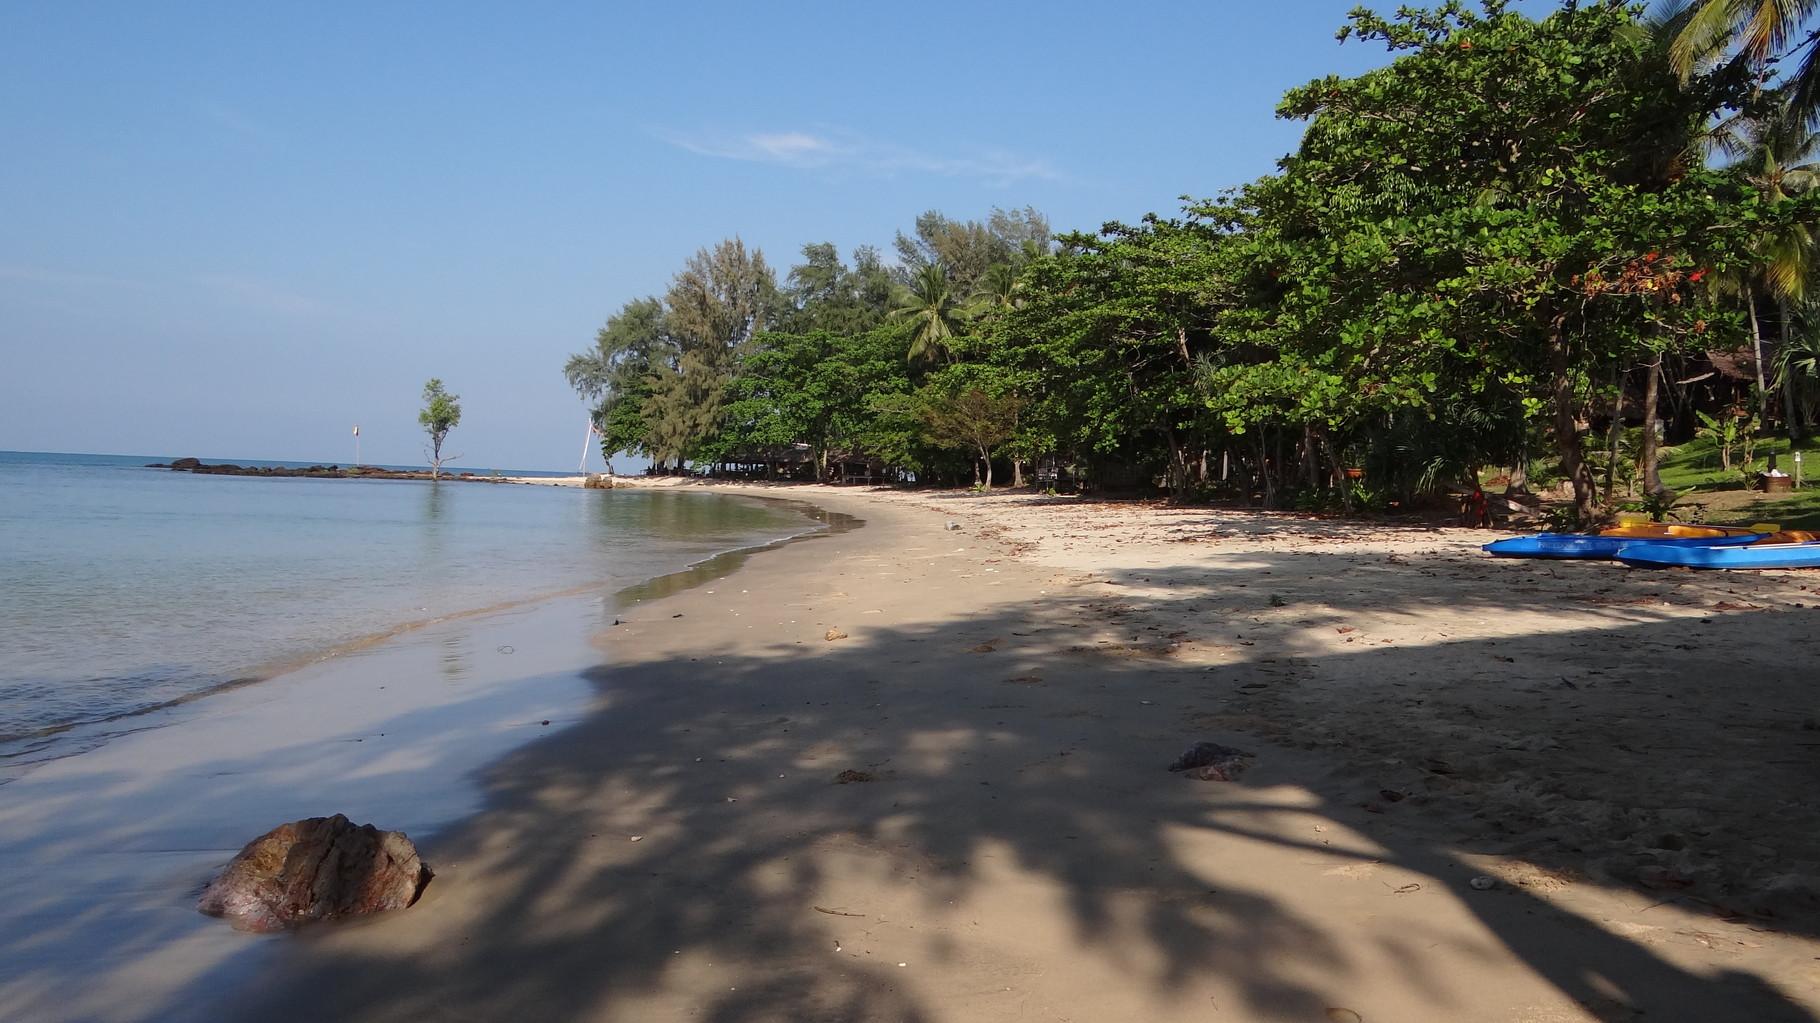 Am südlichsten Strandabschnitt bei den Freedom Bungalow's